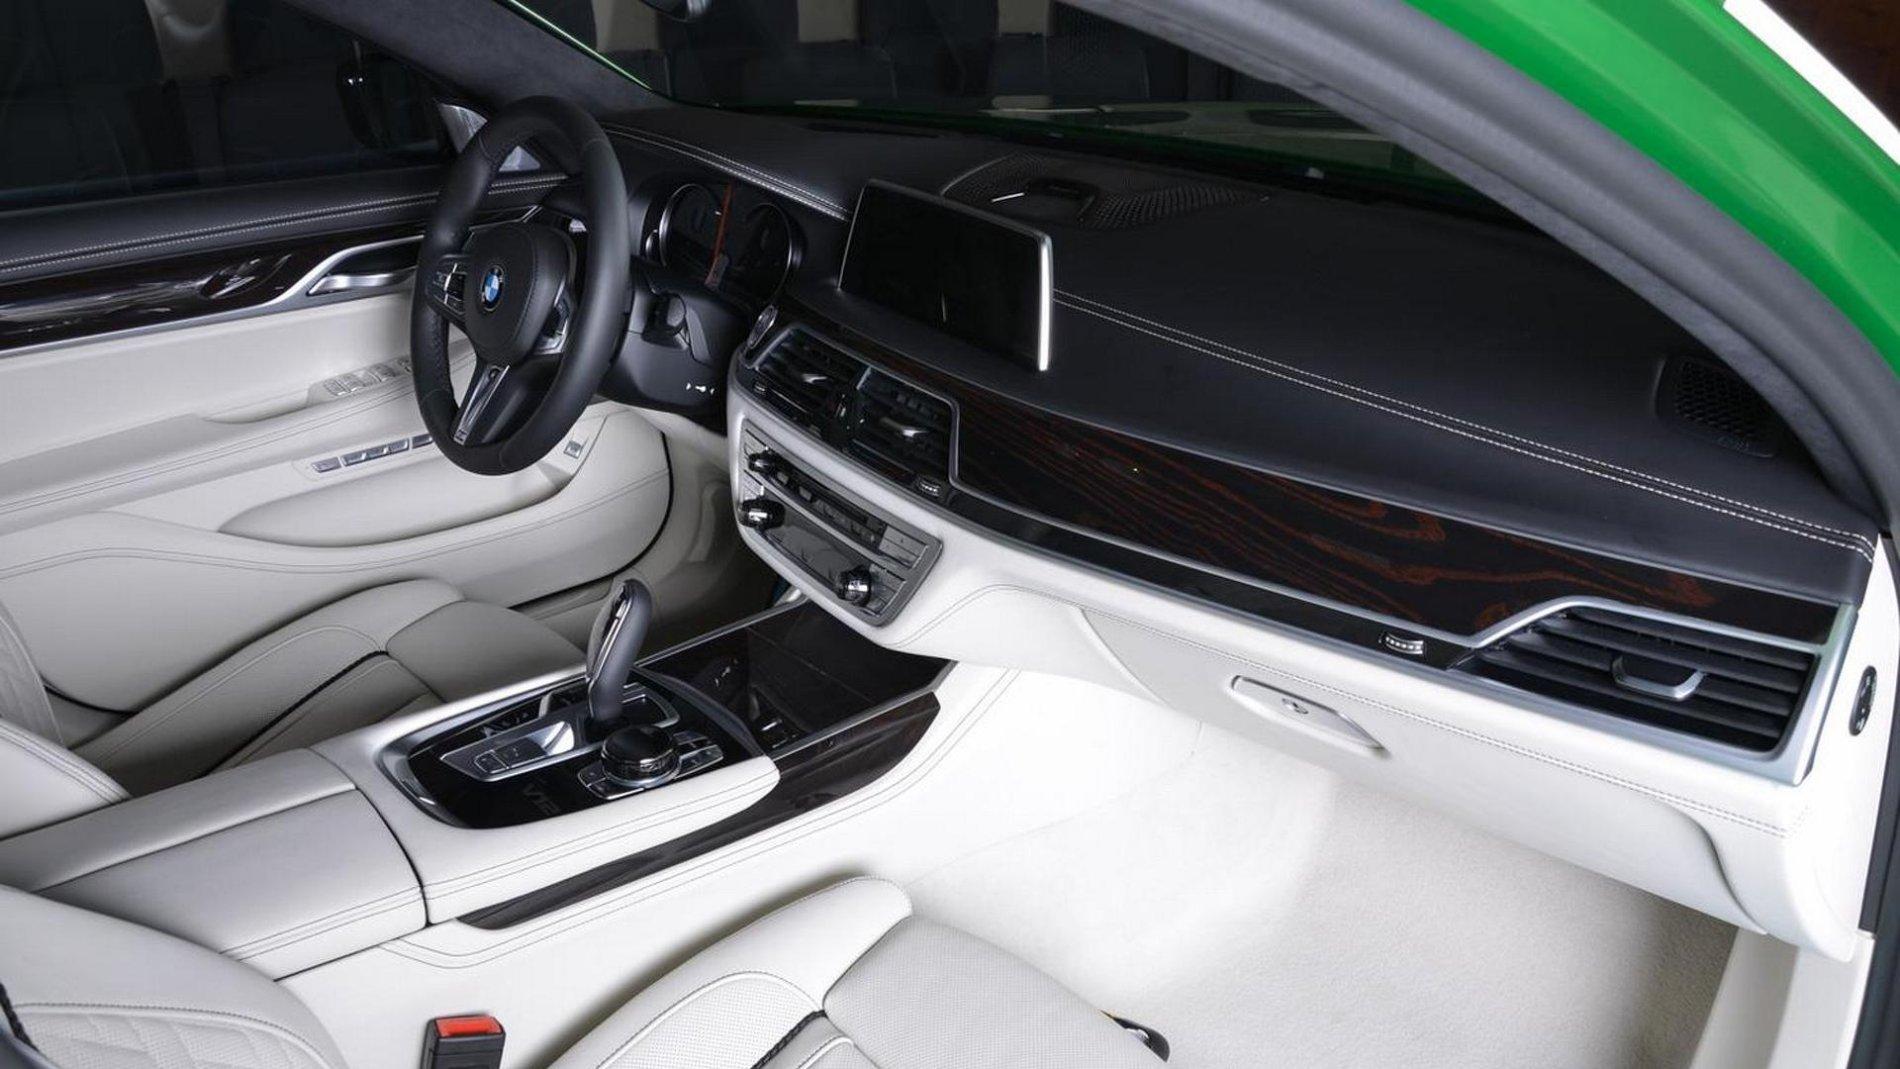 BMW M760Li xDrive in Rallye Green - BMW M760Li xDrive in Rallye Green